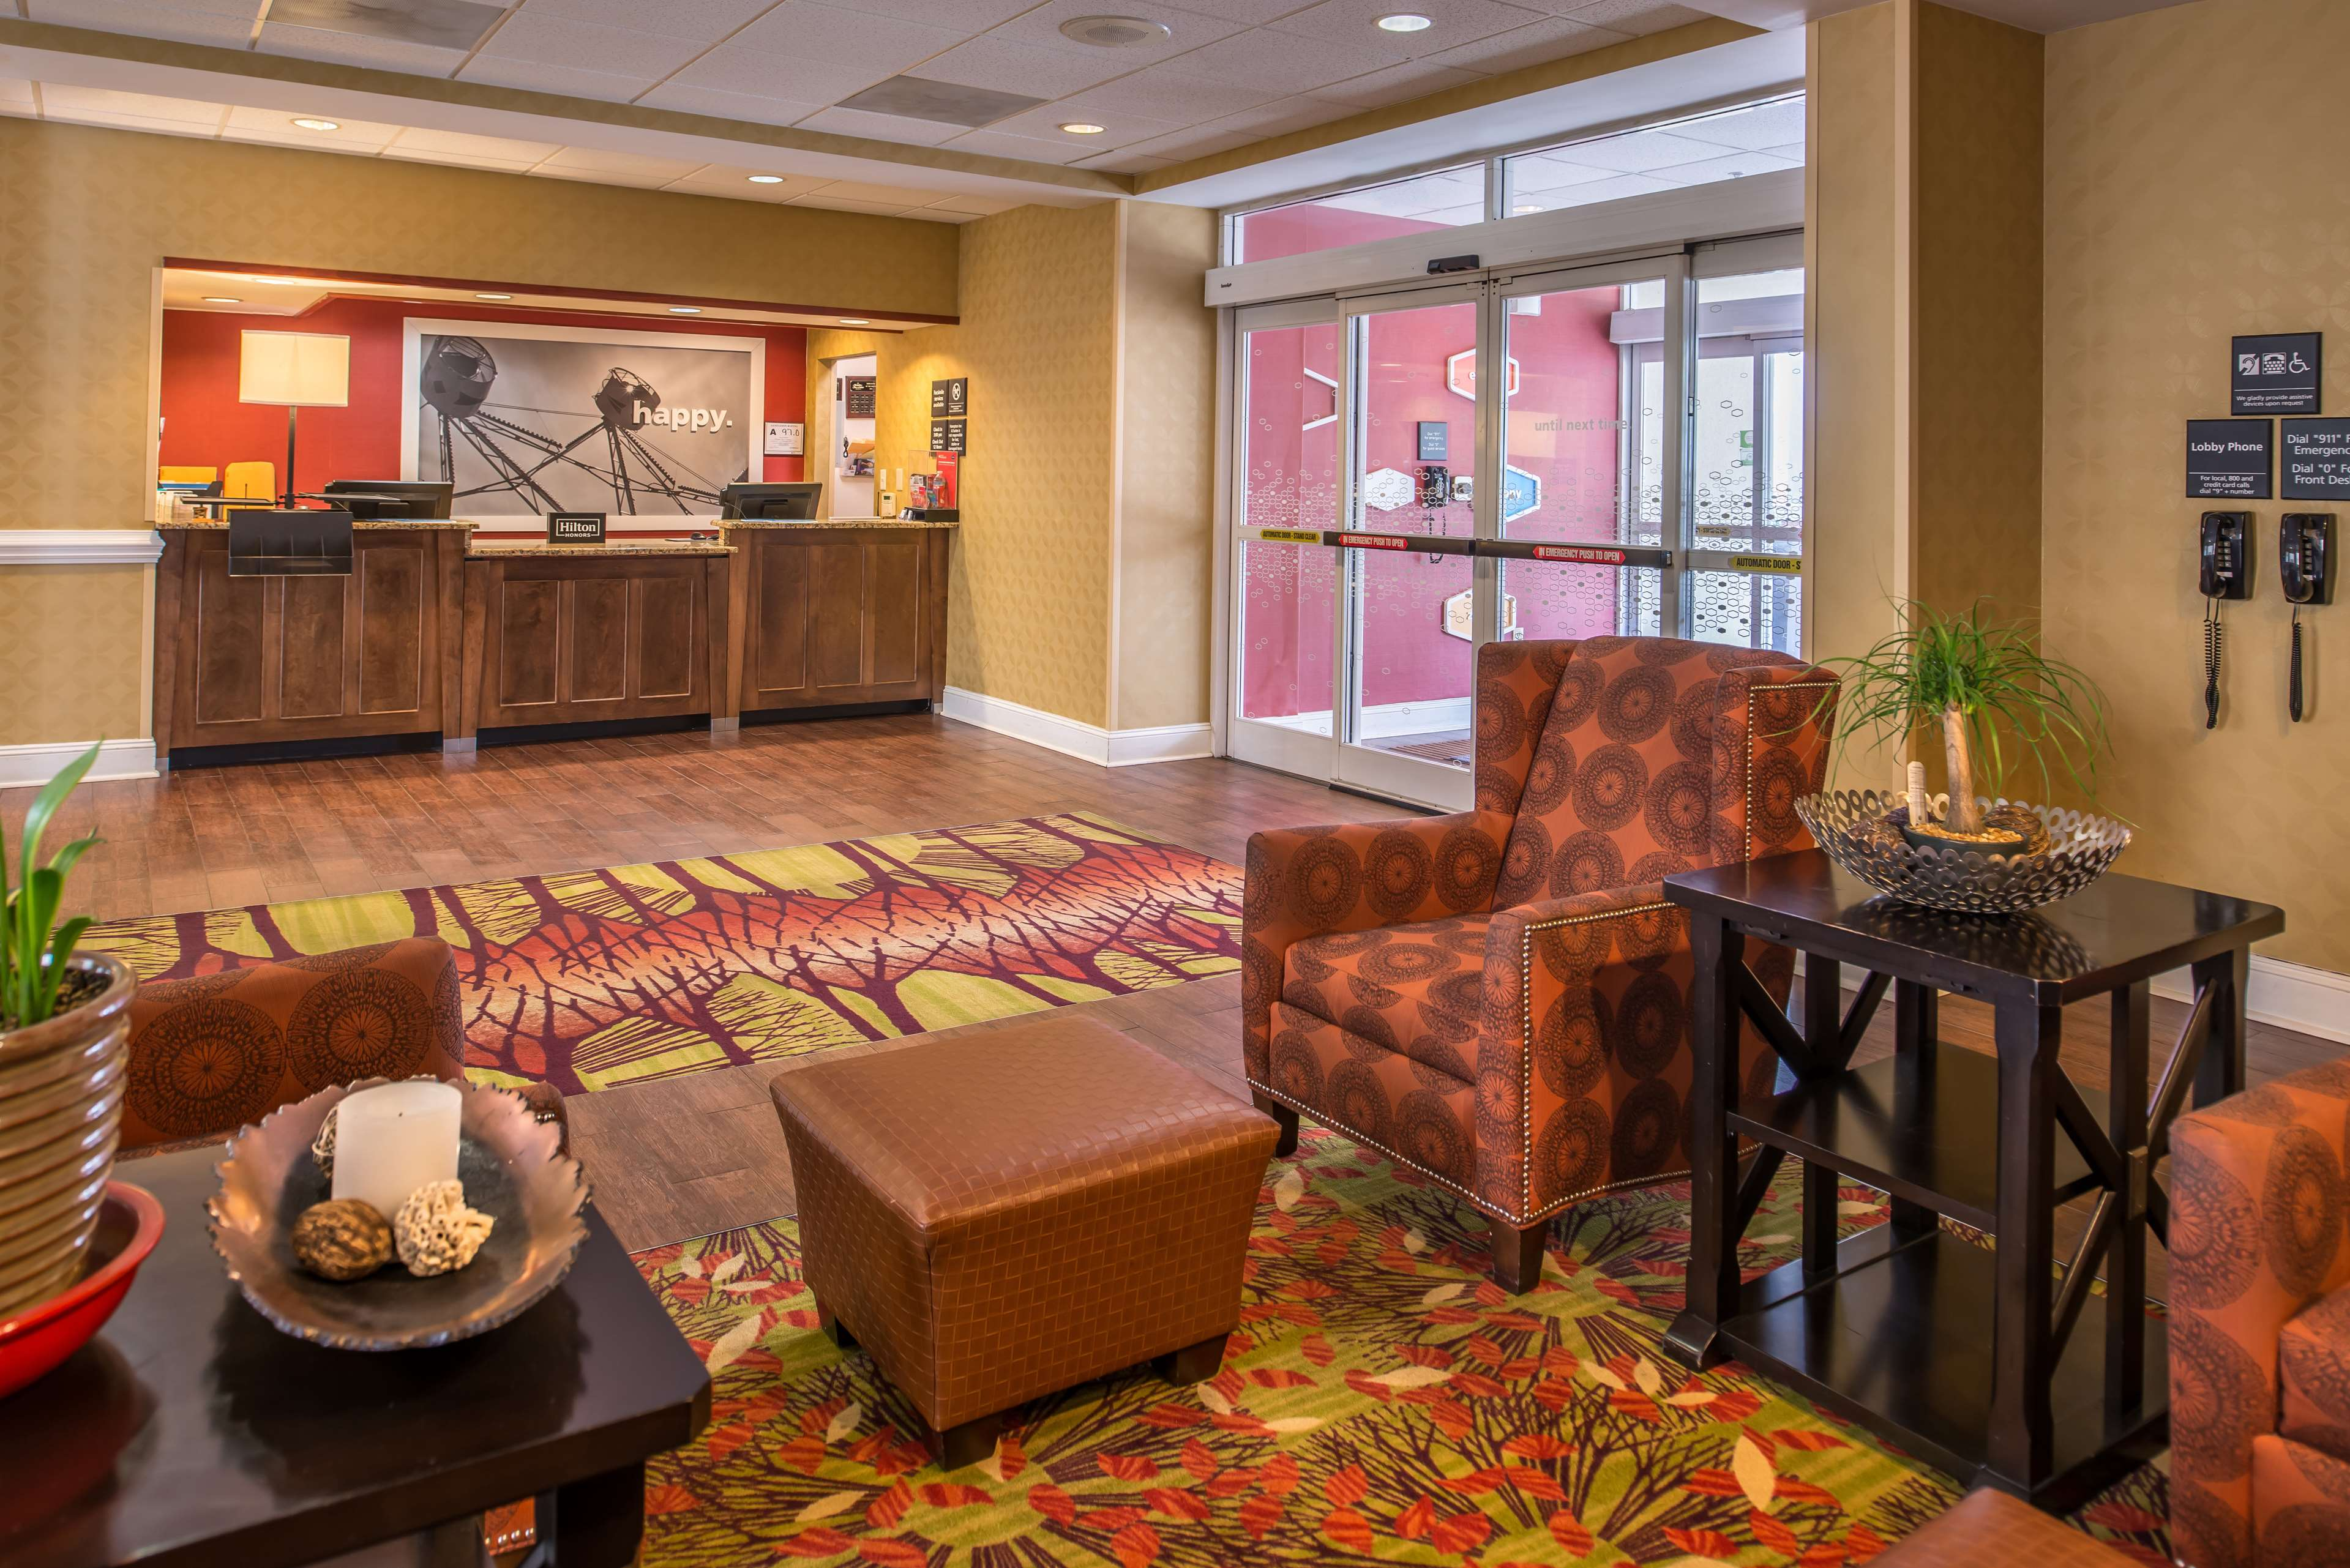 Hampton Inn & Suites Charlotte-Arrowood Rd. image 6